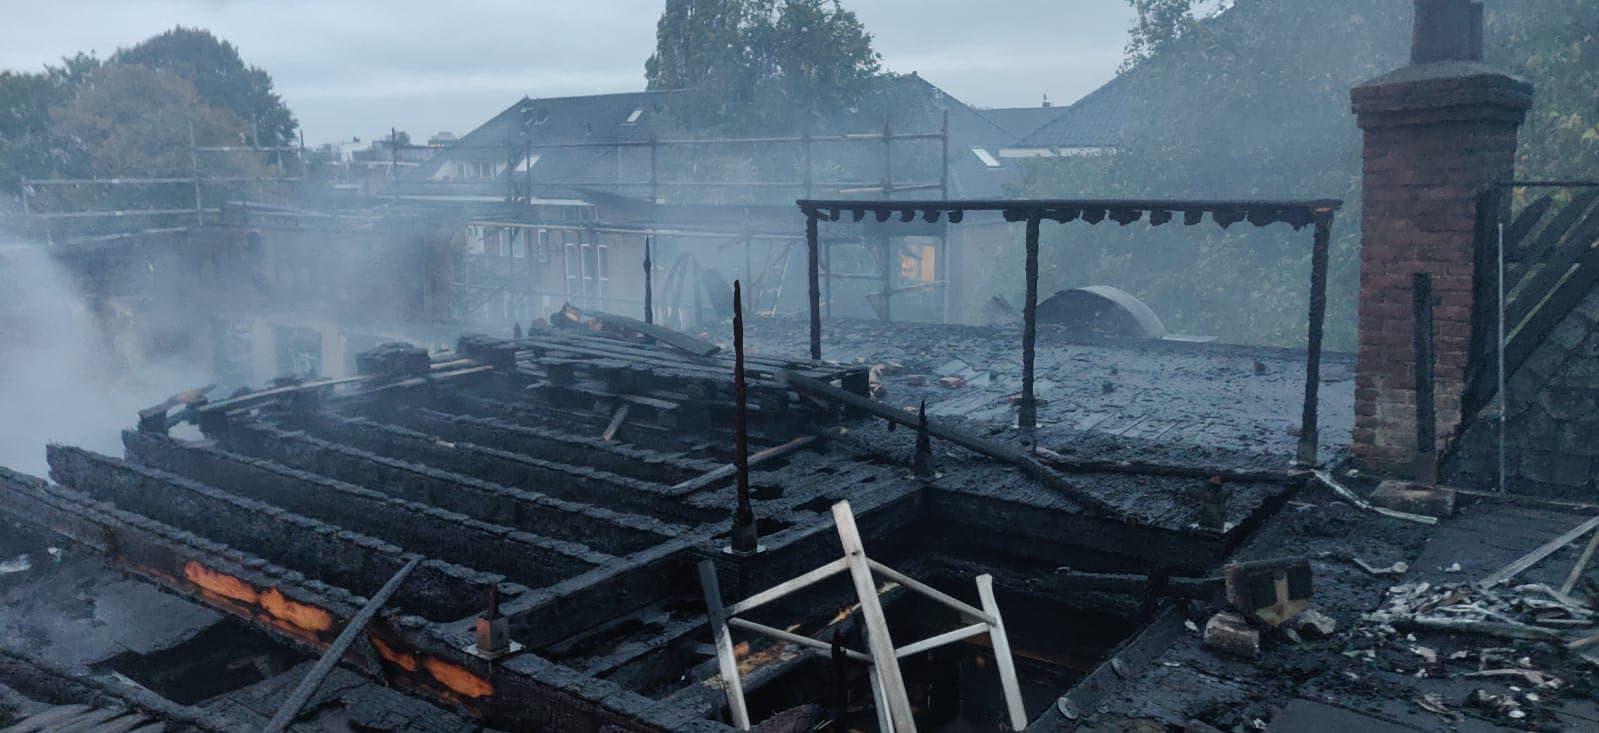 Voorkom brand bij werkzaamheden! Risk Safety kan uw onderneming ondersteunen om de risico's op brand te verkleinen.